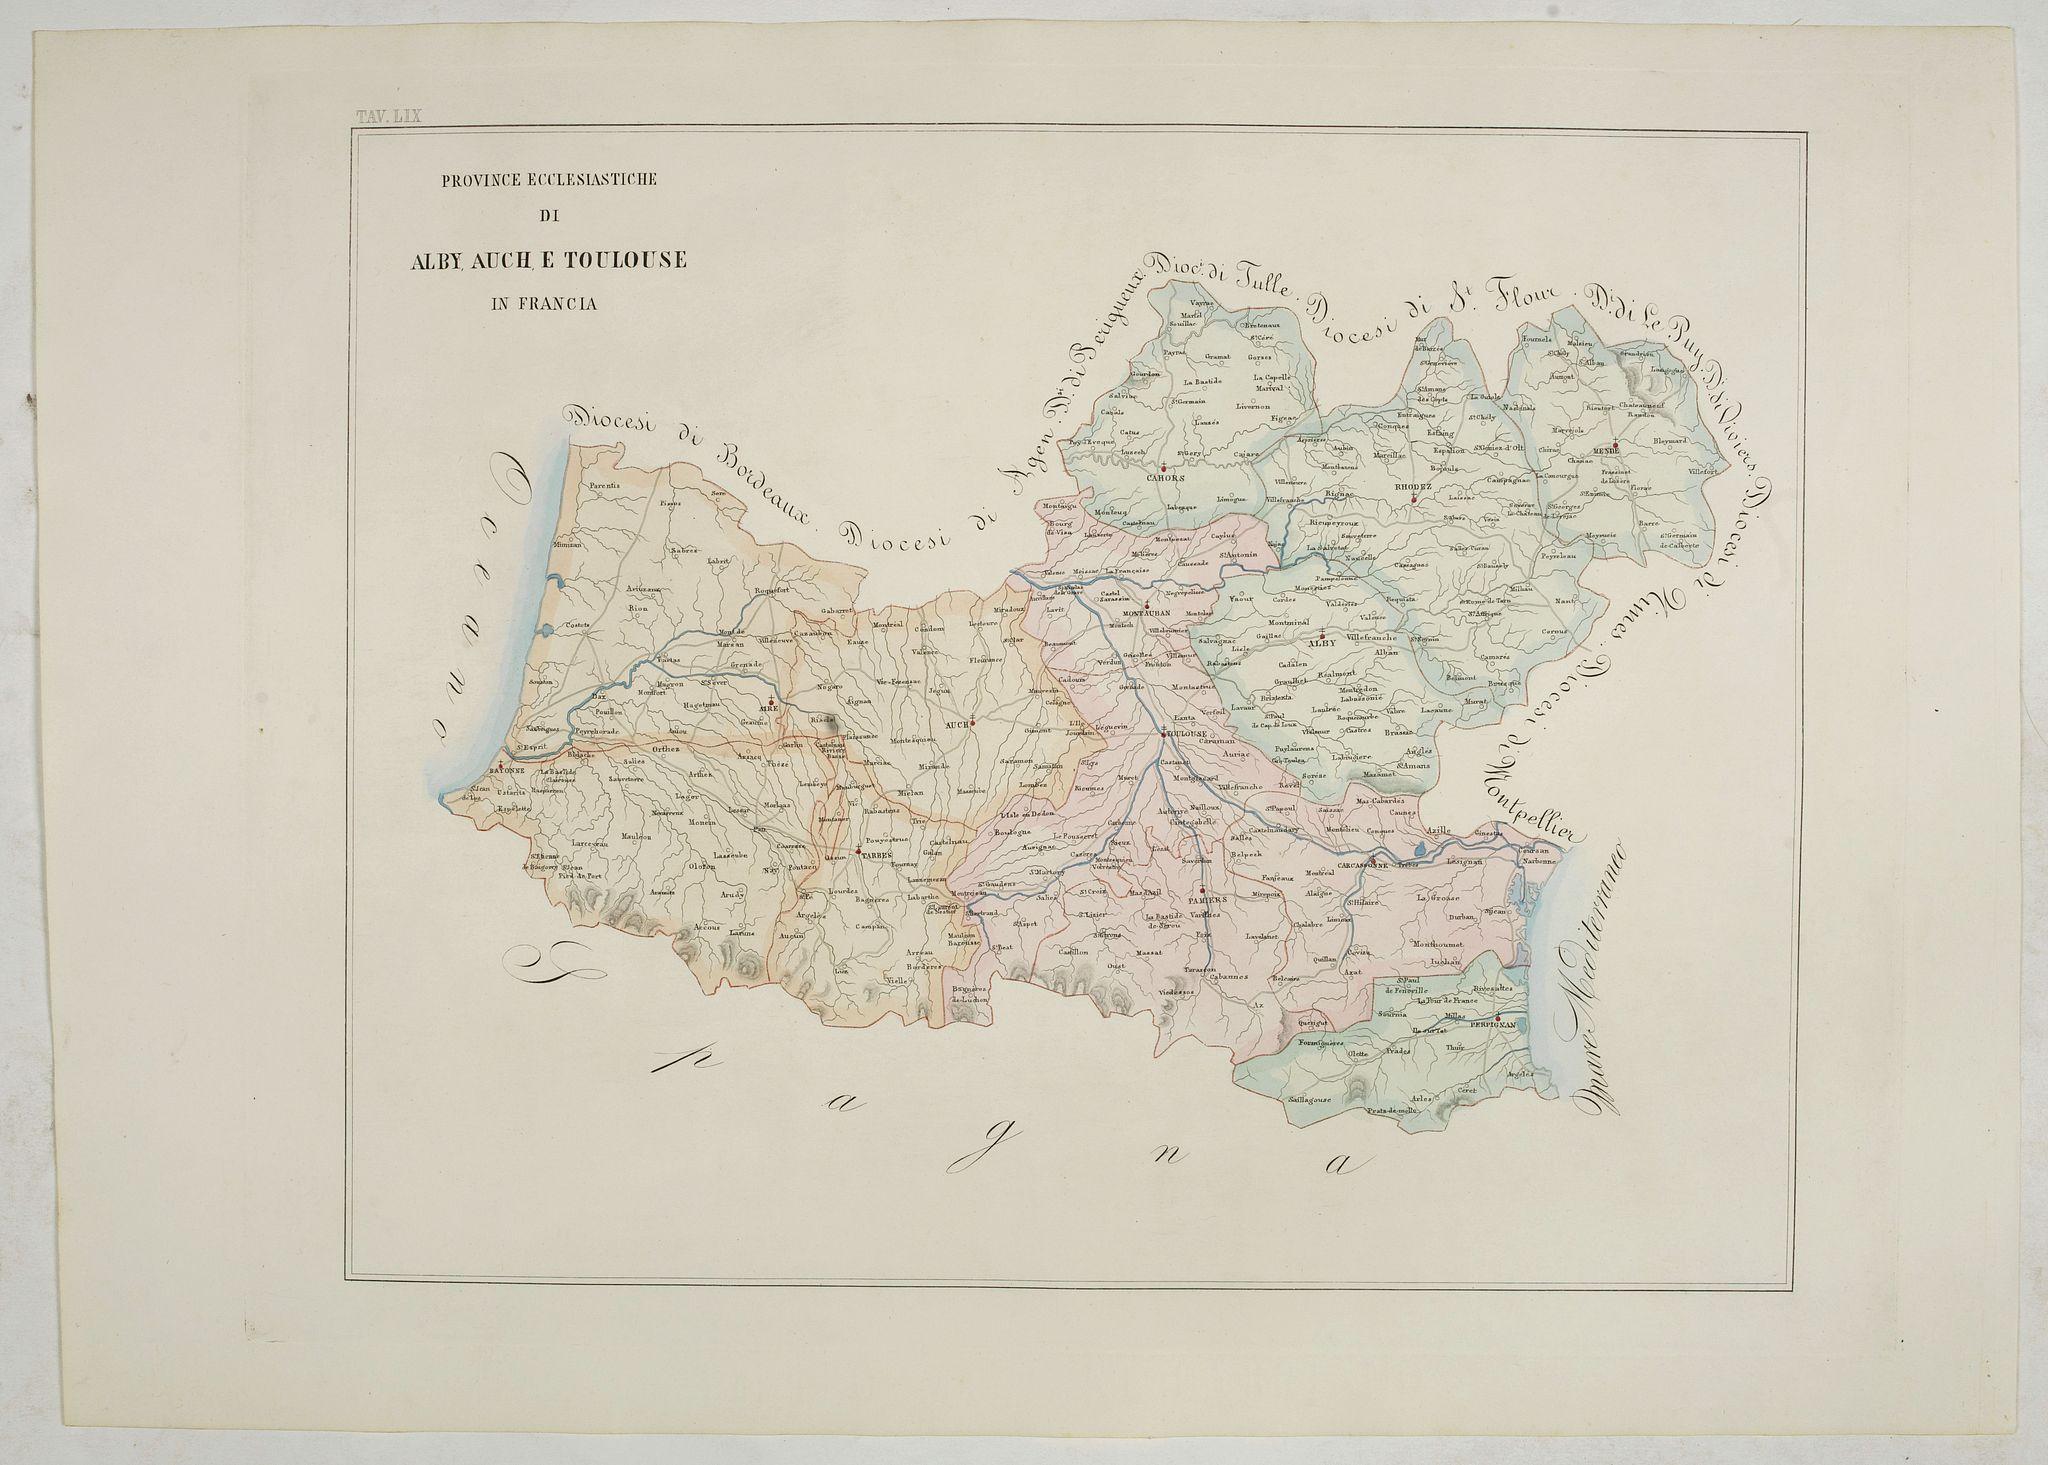 PETRI  Girolamo -  Province ecclesiastiche di Albi, Auche e Toulouse in Francia (Tav LIX)